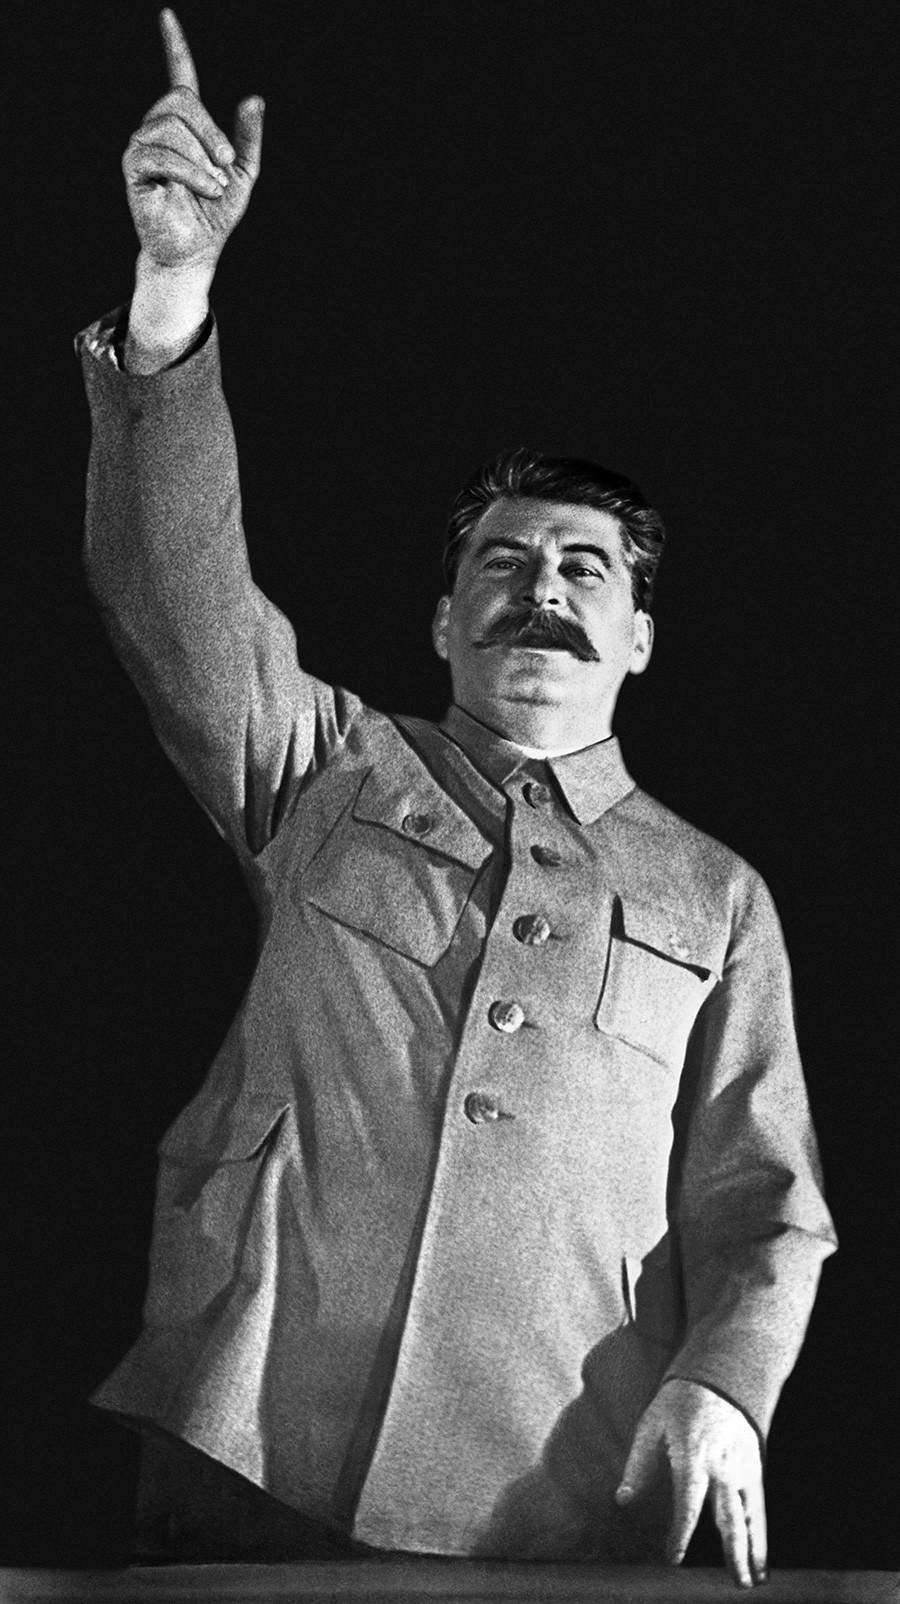 An official portrait of Joseph Stalin